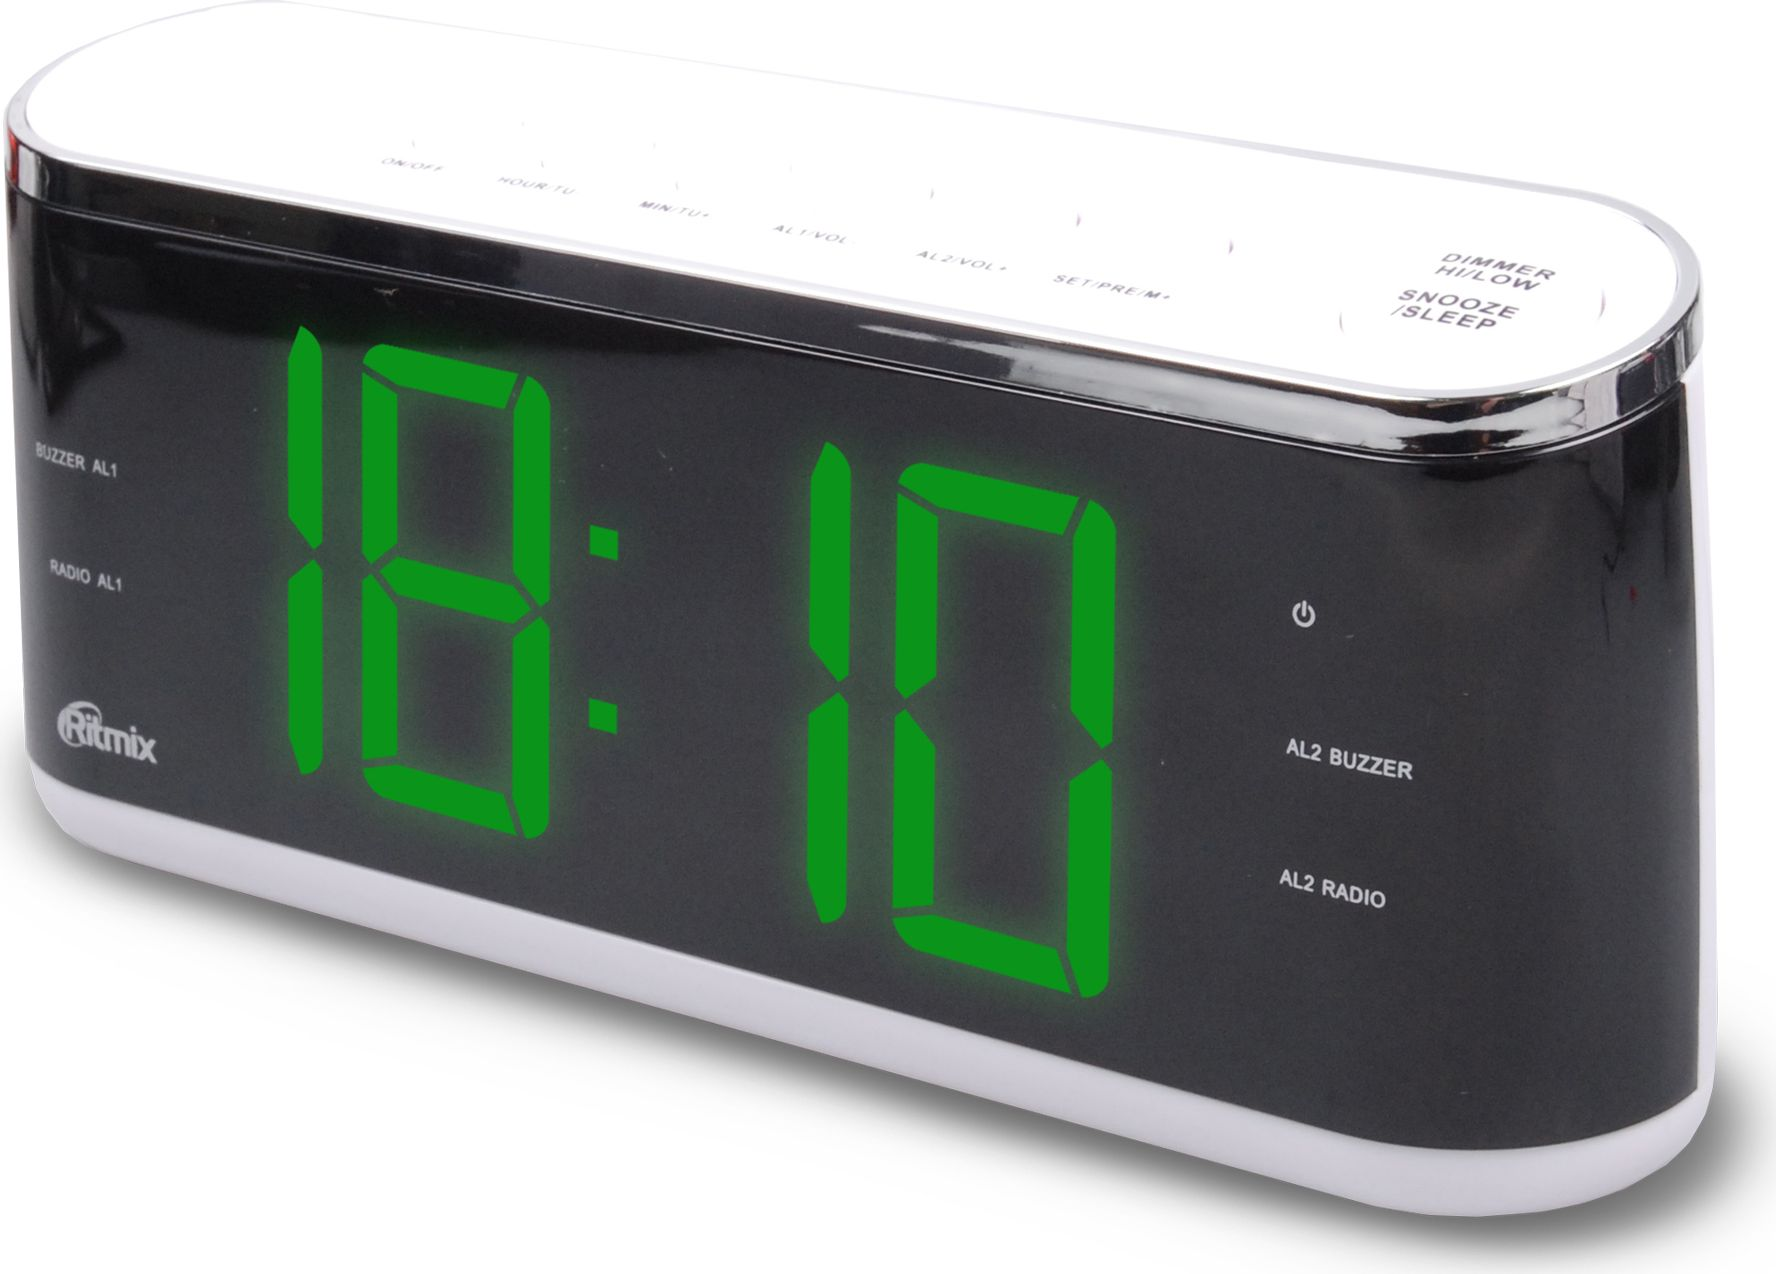 Ritmix RRC-1810, White радио-будильник - Радиобудильники и проекционные часы